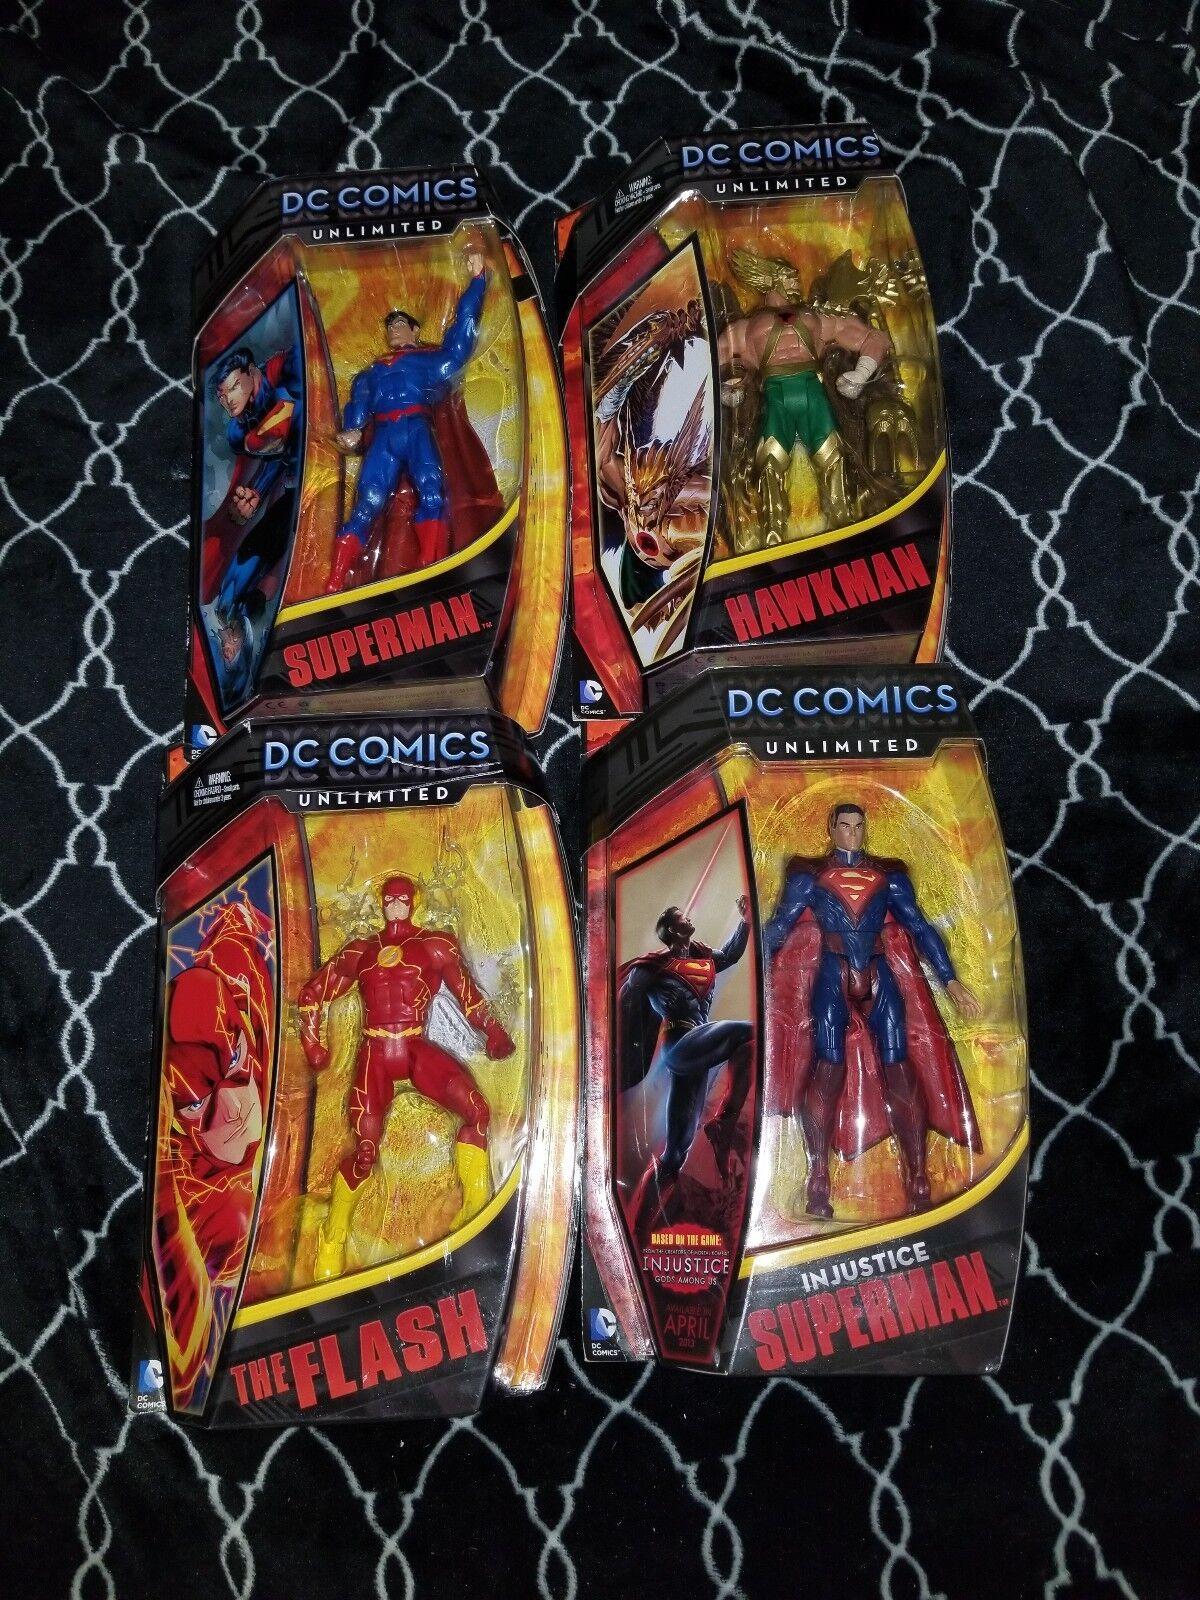 Nuevo DC Comics Unlimited 6 Pulgadas el Flash súperman El Hombre Halcón súperman injusticia